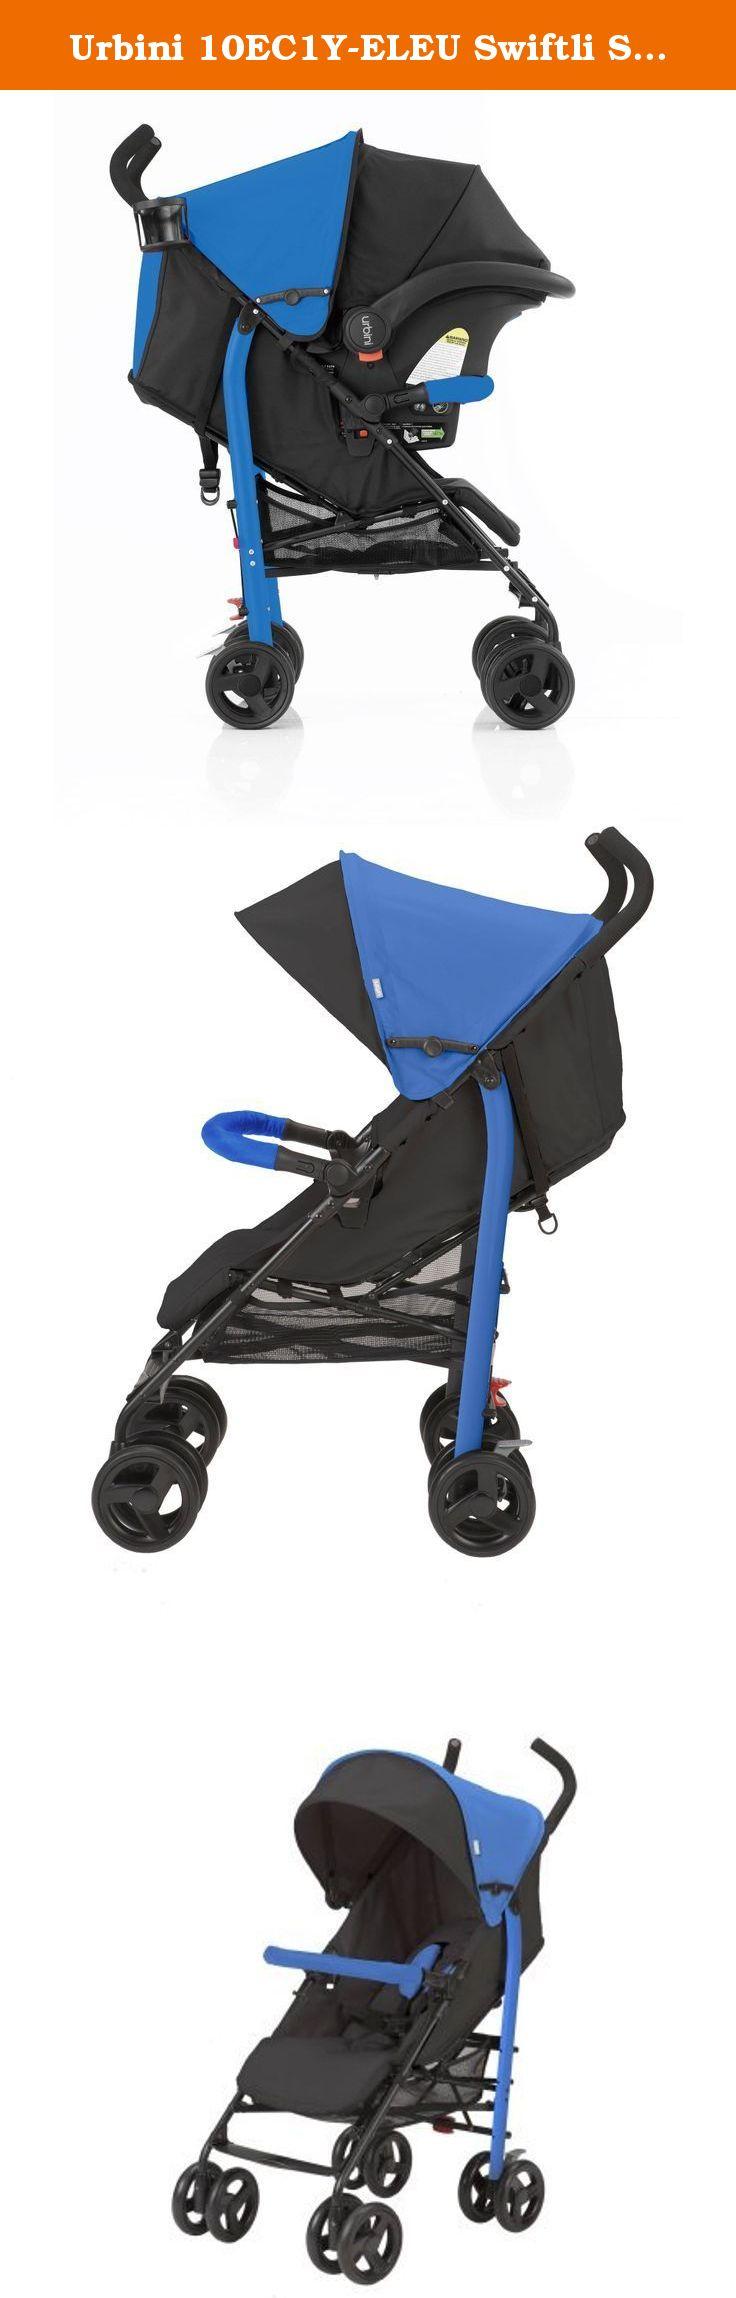 Urbini 10EC1Y-ELEU Swiftli Stroller, Electric, 5-Point Harness With